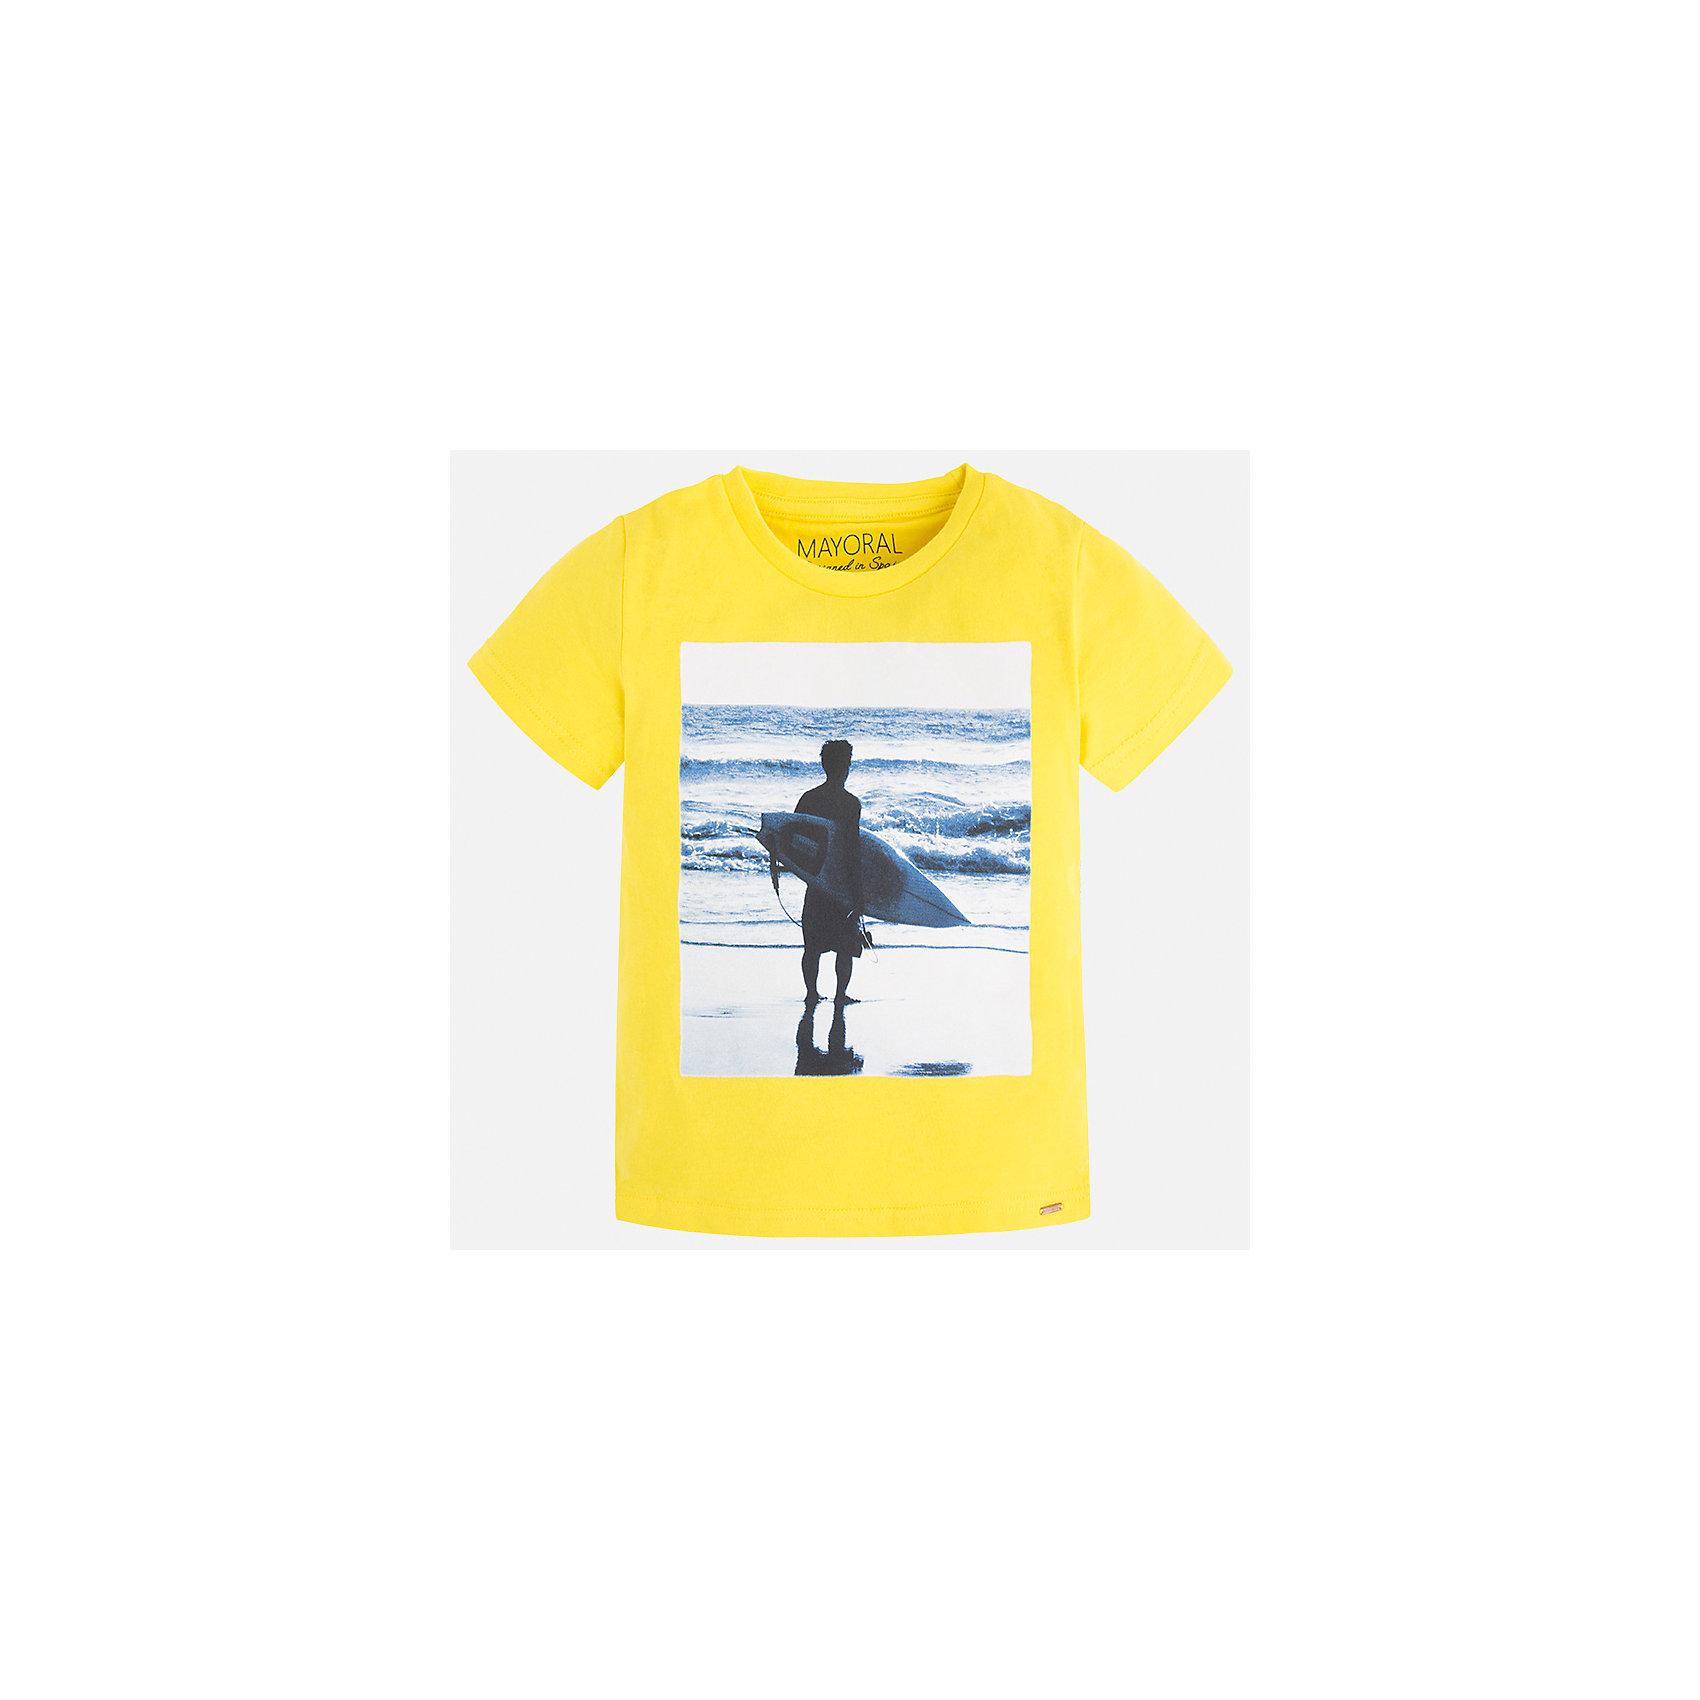 Футболка для мальчика MayoralЛови волну<br>Характеристики товара:<br><br>• цвет: желтый<br>• состав: 100% хлопок<br>• круглый горловой вырез<br>• декорирована принтом<br>• короткие рукава<br>• отделка горловины<br>• страна бренда: Испания<br><br>Стильная удобная футболка с принтом поможет разнообразить гардероб мальчика. Она отлично сочетается с брюками, шортами, джинсами. Универсальный крой и цвет позволяет подобрать к вещи низ разных расцветок. Практичное и стильное изделие! Хорошо смотрится и комфортно сидит на детях. В составе материала - только натуральный хлопок, гипоаллергенный, приятный на ощупь, дышащий. <br><br>Одежда, обувь и аксессуары от испанского бренда Mayoral полюбились детям и взрослым по всему миру. Модели этой марки - стильные и удобные. Для их производства используются только безопасные, качественные материалы и фурнитура. Порадуйте ребенка модными и красивыми вещами от Mayoral! <br><br>Футболку для мальчика от испанского бренда Mayoral (Майорал) можно купить в нашем интернет-магазине.<br><br>Ширина мм: 199<br>Глубина мм: 10<br>Высота мм: 161<br>Вес г: 151<br>Цвет: желтый<br>Возраст от месяцев: 18<br>Возраст до месяцев: 24<br>Пол: Мужской<br>Возраст: Детский<br>Размер: 92,134,128,122,116,110,104,98<br>SKU: 5279999